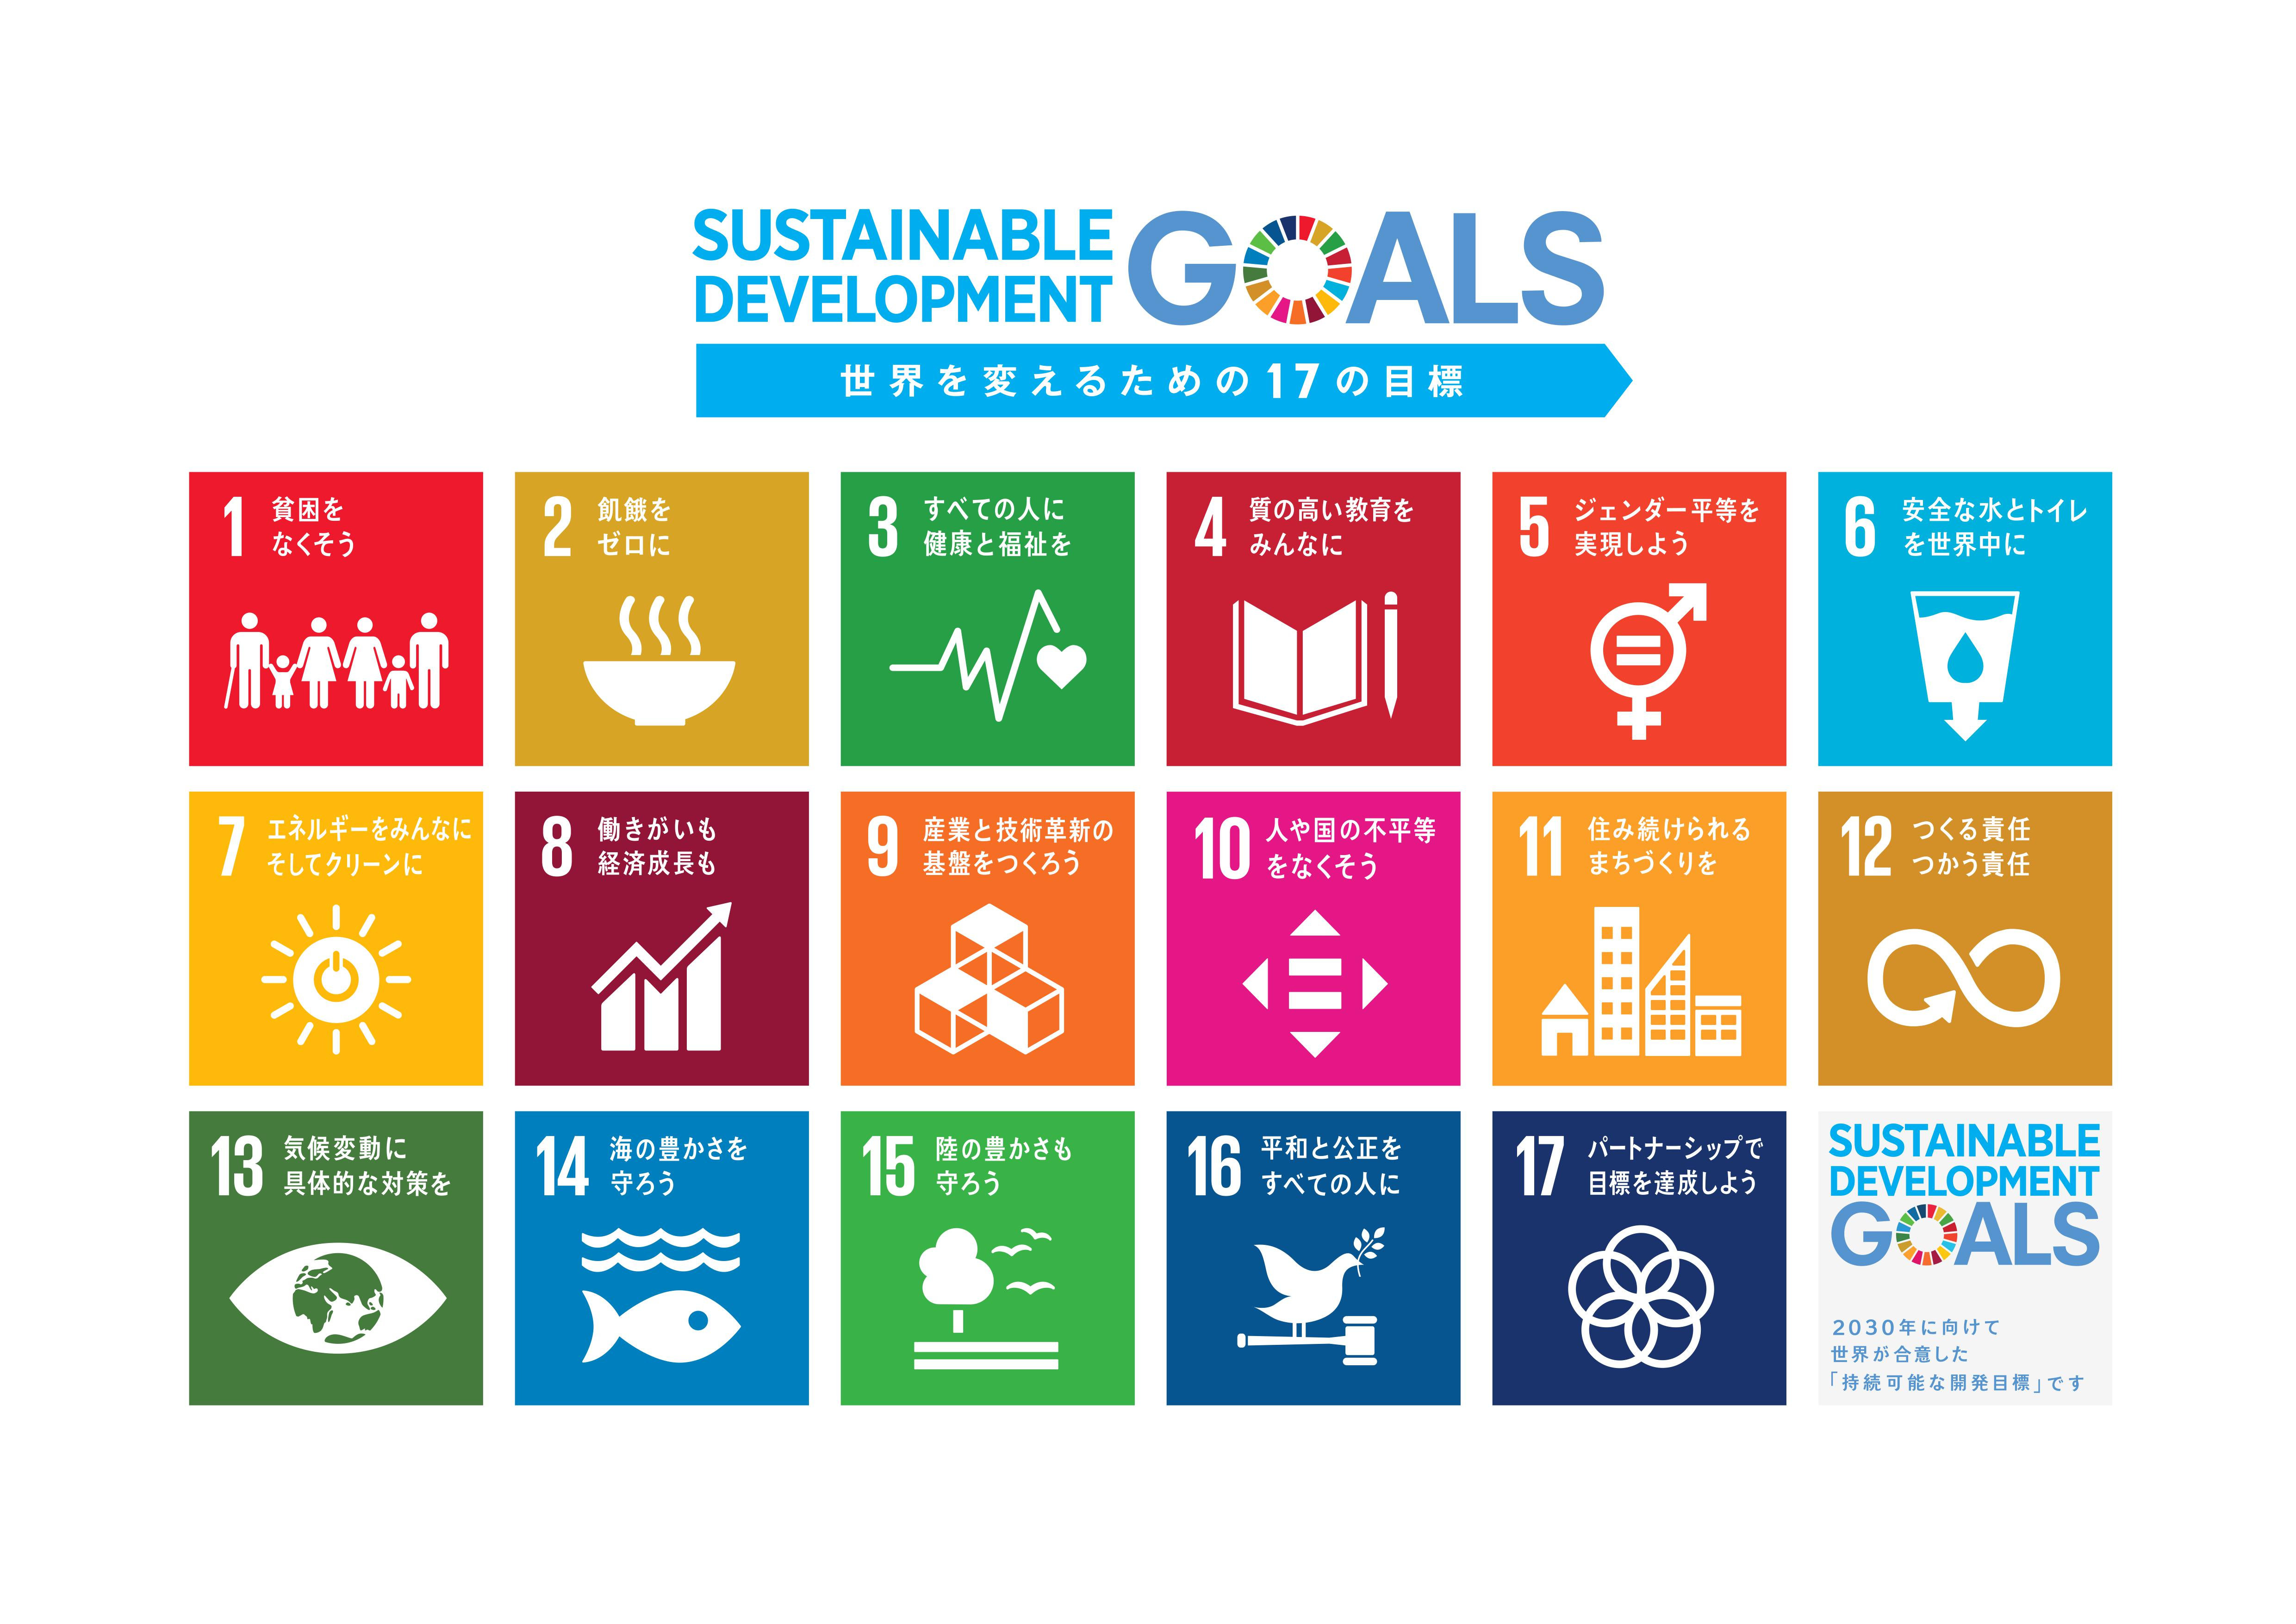 自伐協連携の群馬県みなかみ町「SDGs(持続可能な開発目標)未来都市」に選定